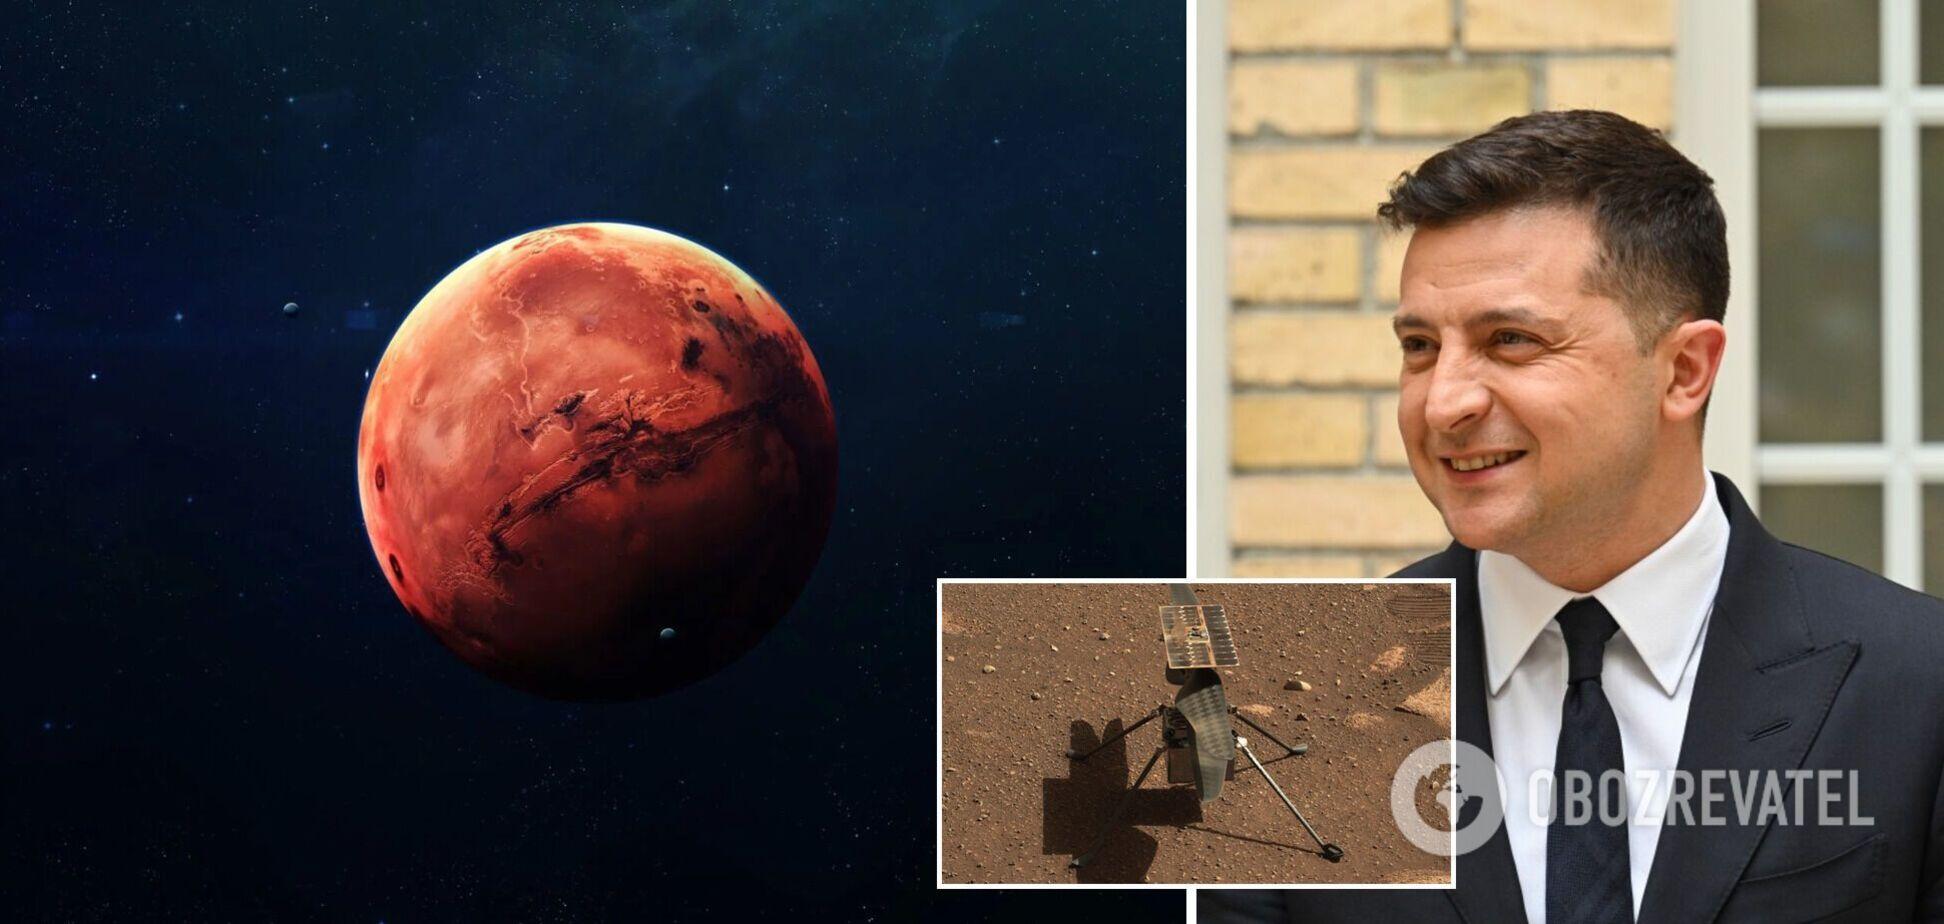 Зеленский поздравил NASA и назвал имя украинца, работавшего над вертолетом для Марса